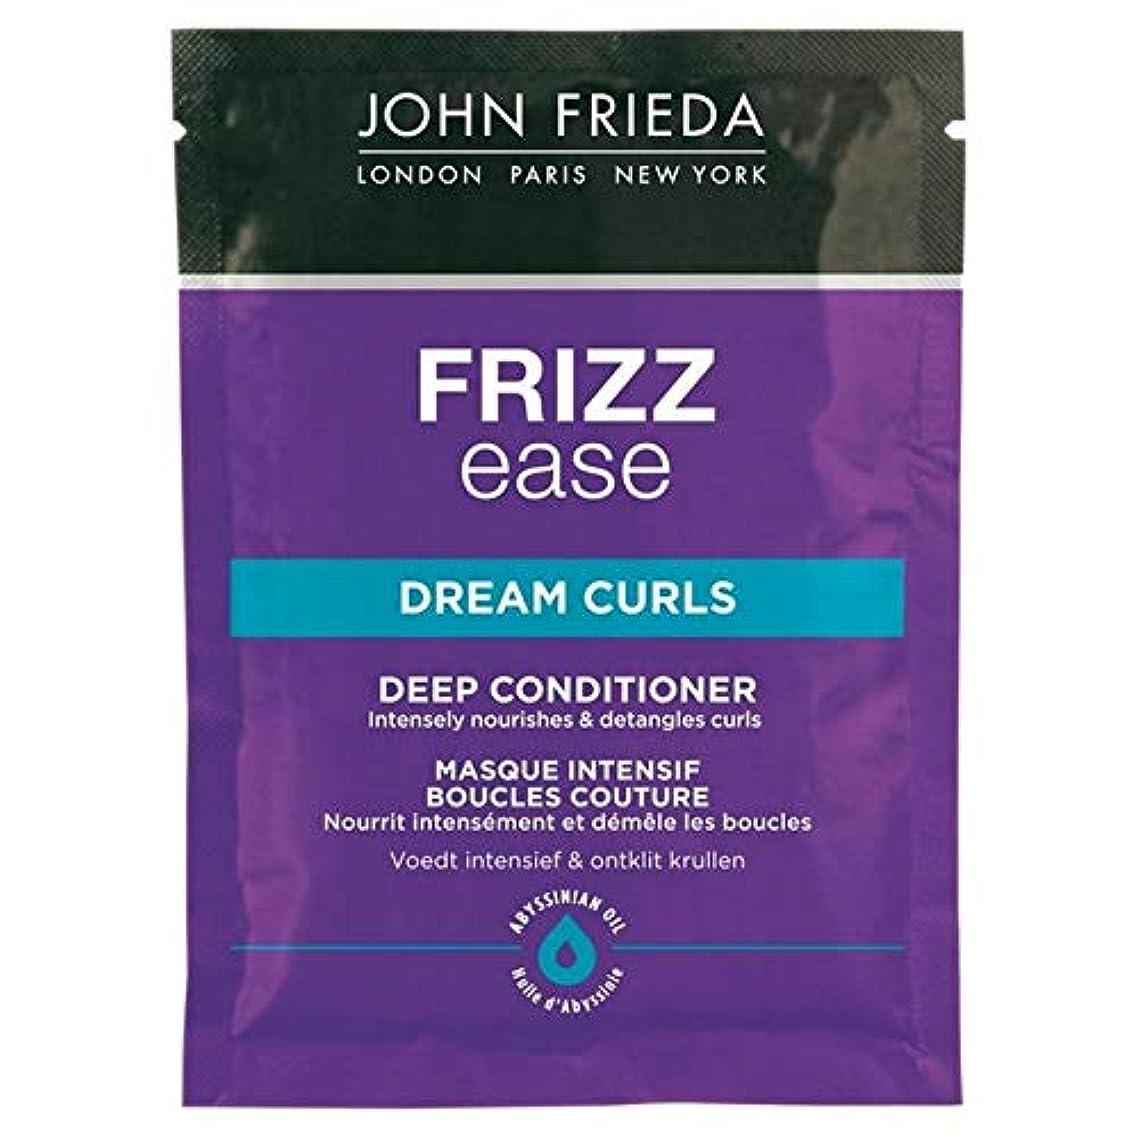 不誠実奪う唇[John Frieda ] ジョン?フリーダ縮れ容易夢のカールコンディショナー25ミリリットル - John Frieda Frizz Ease Dream Curls Conditioner 25ml [並行輸入品]